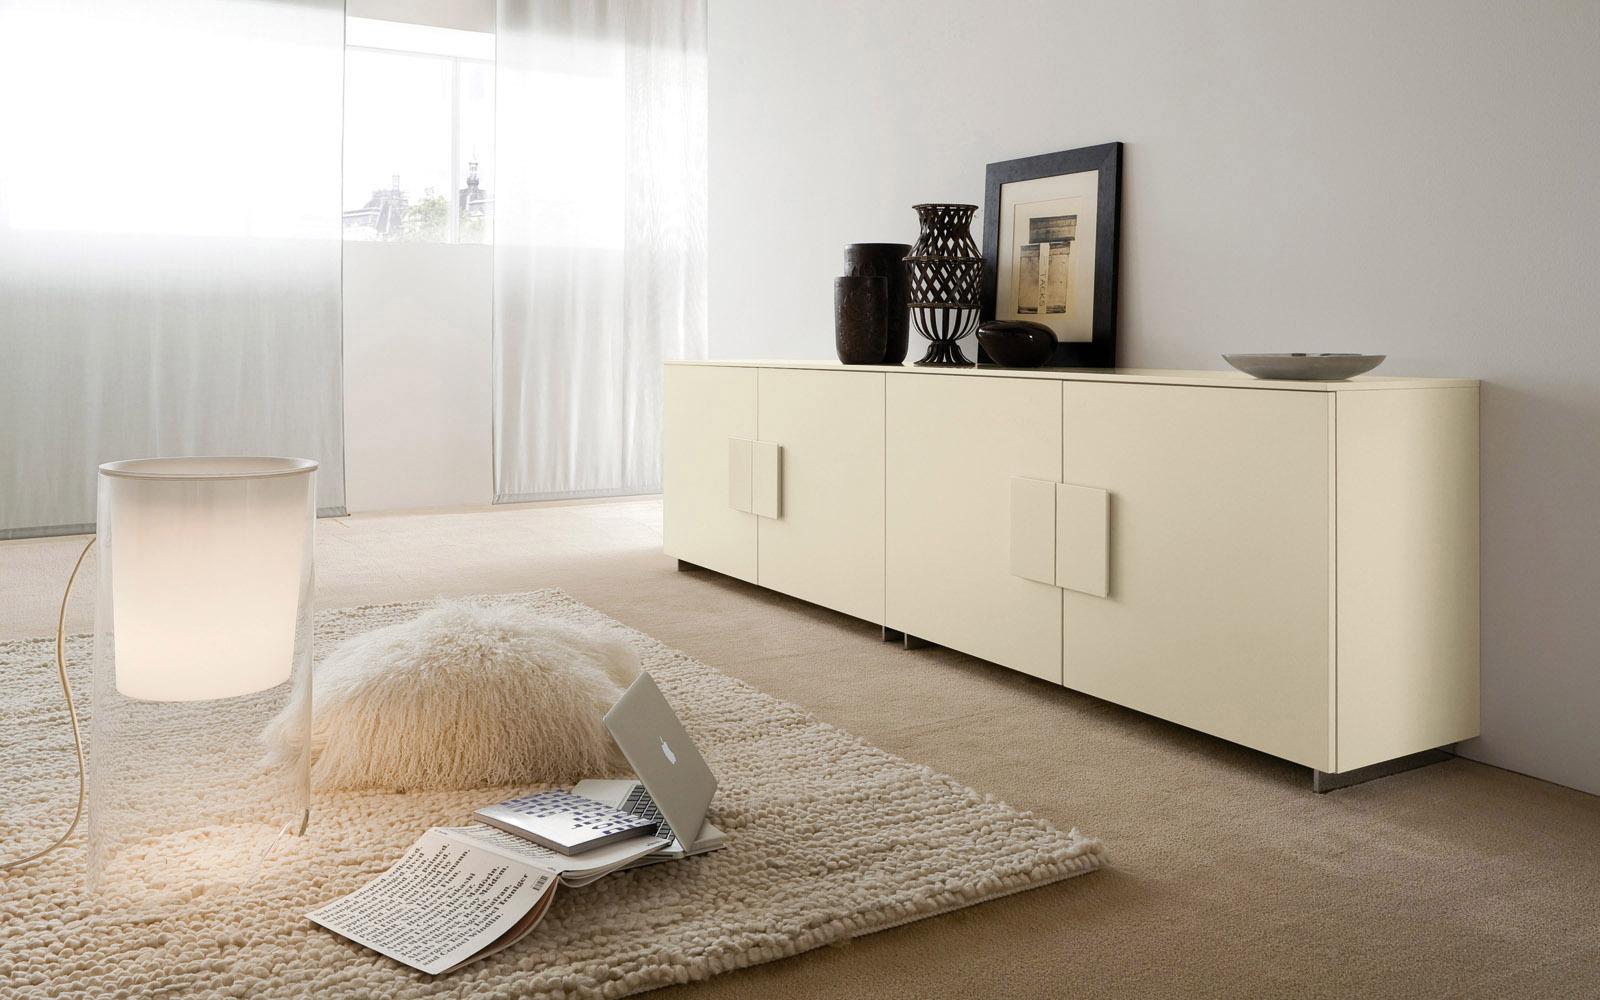 Bahut c108 meubles steinmetz - Livraison meuble a domicile ...